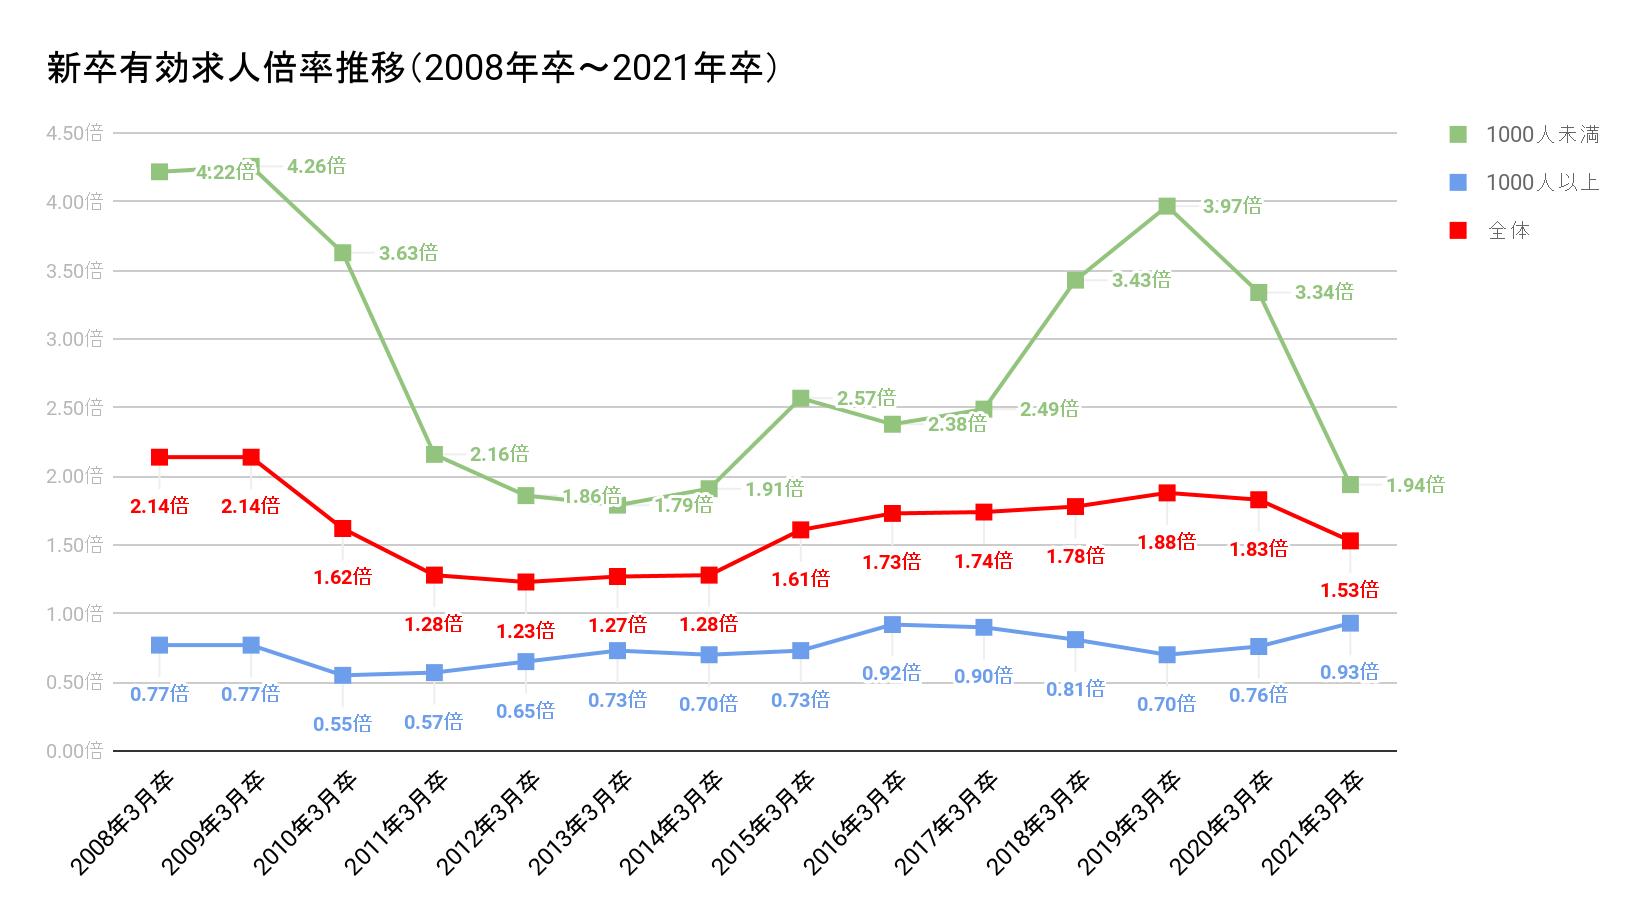 新卒有効求人倍率の推移のグラフ